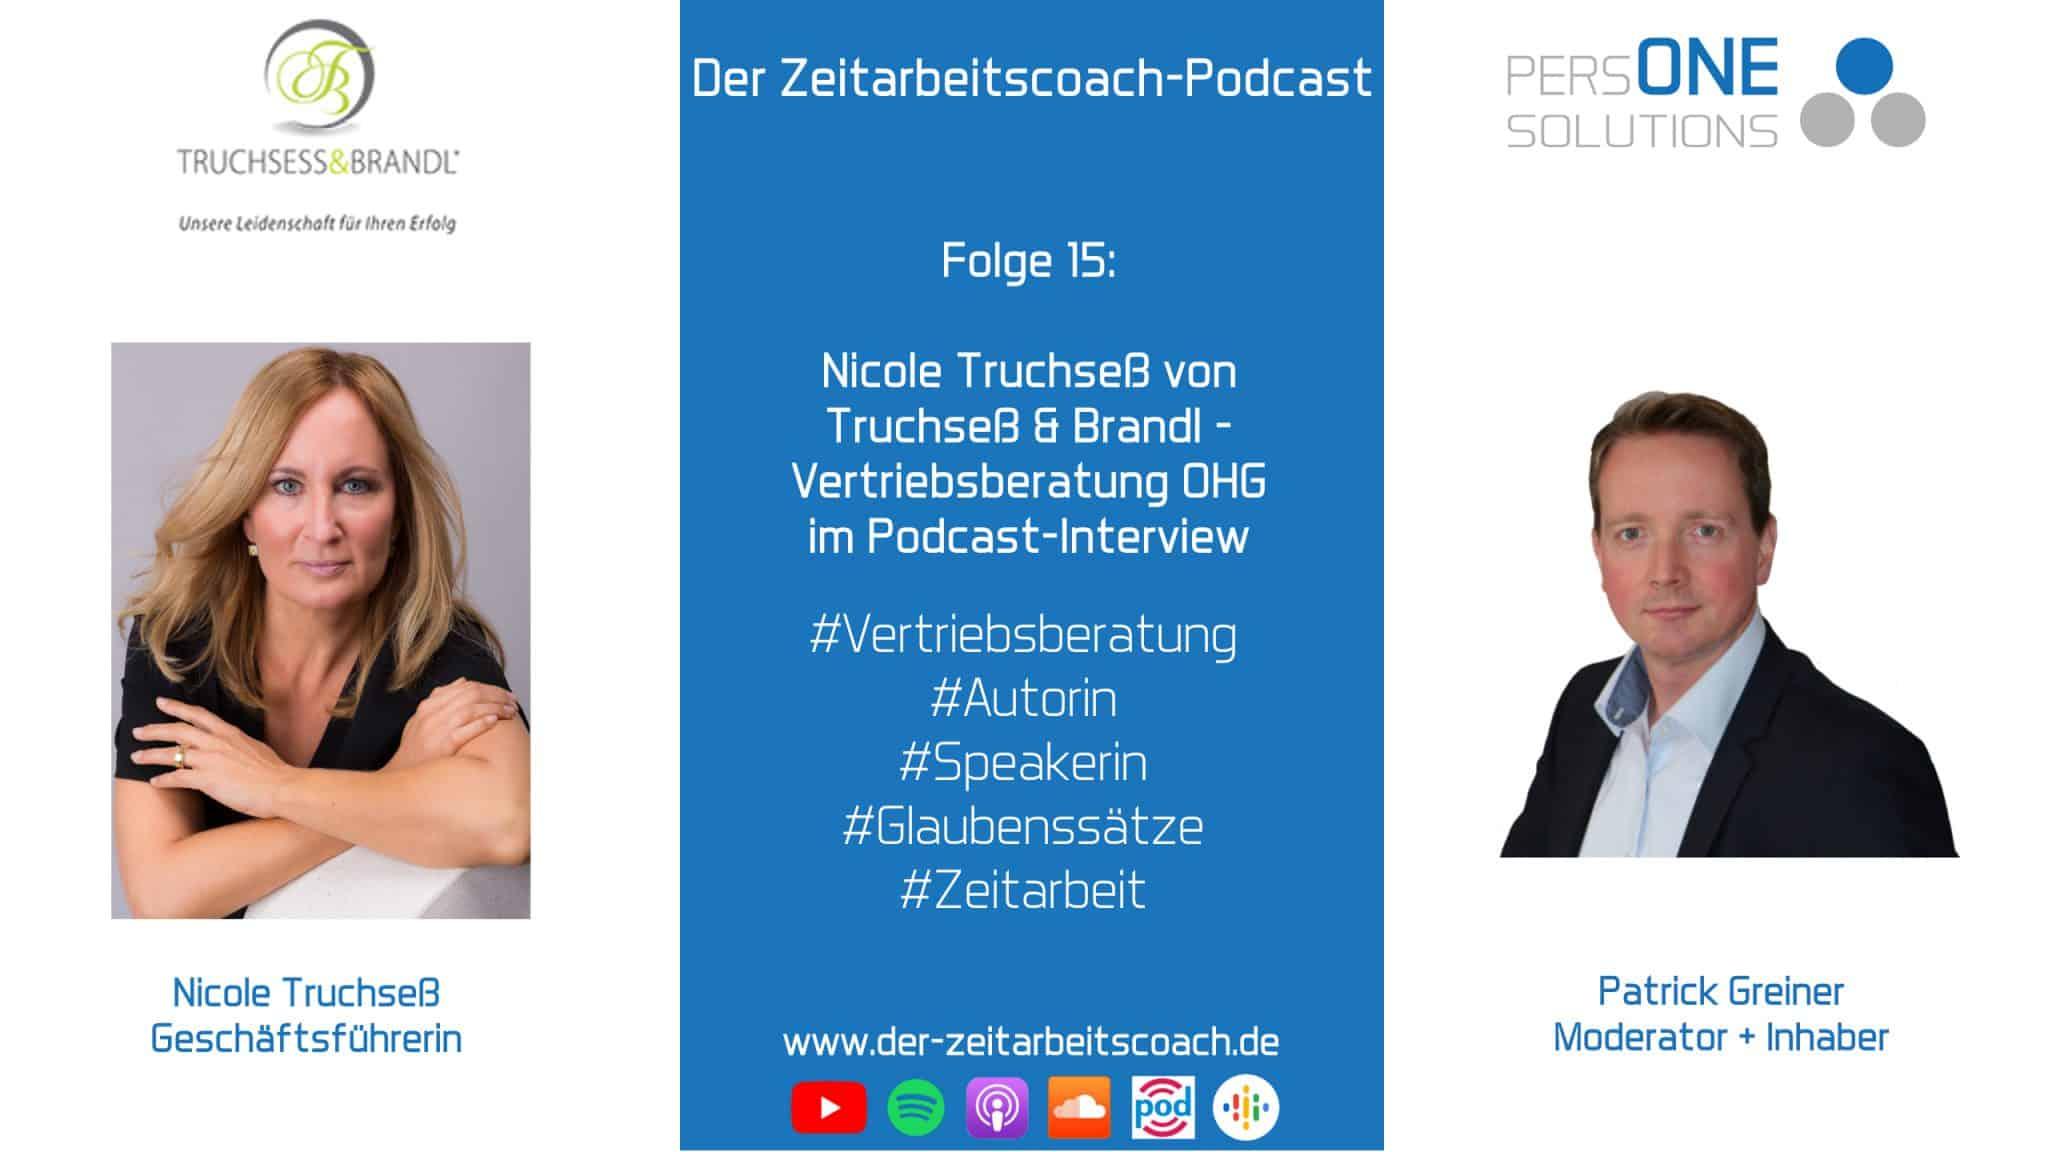 Nicole Truchseß von Truchseß und Brandl Vertriebsberatung OHG